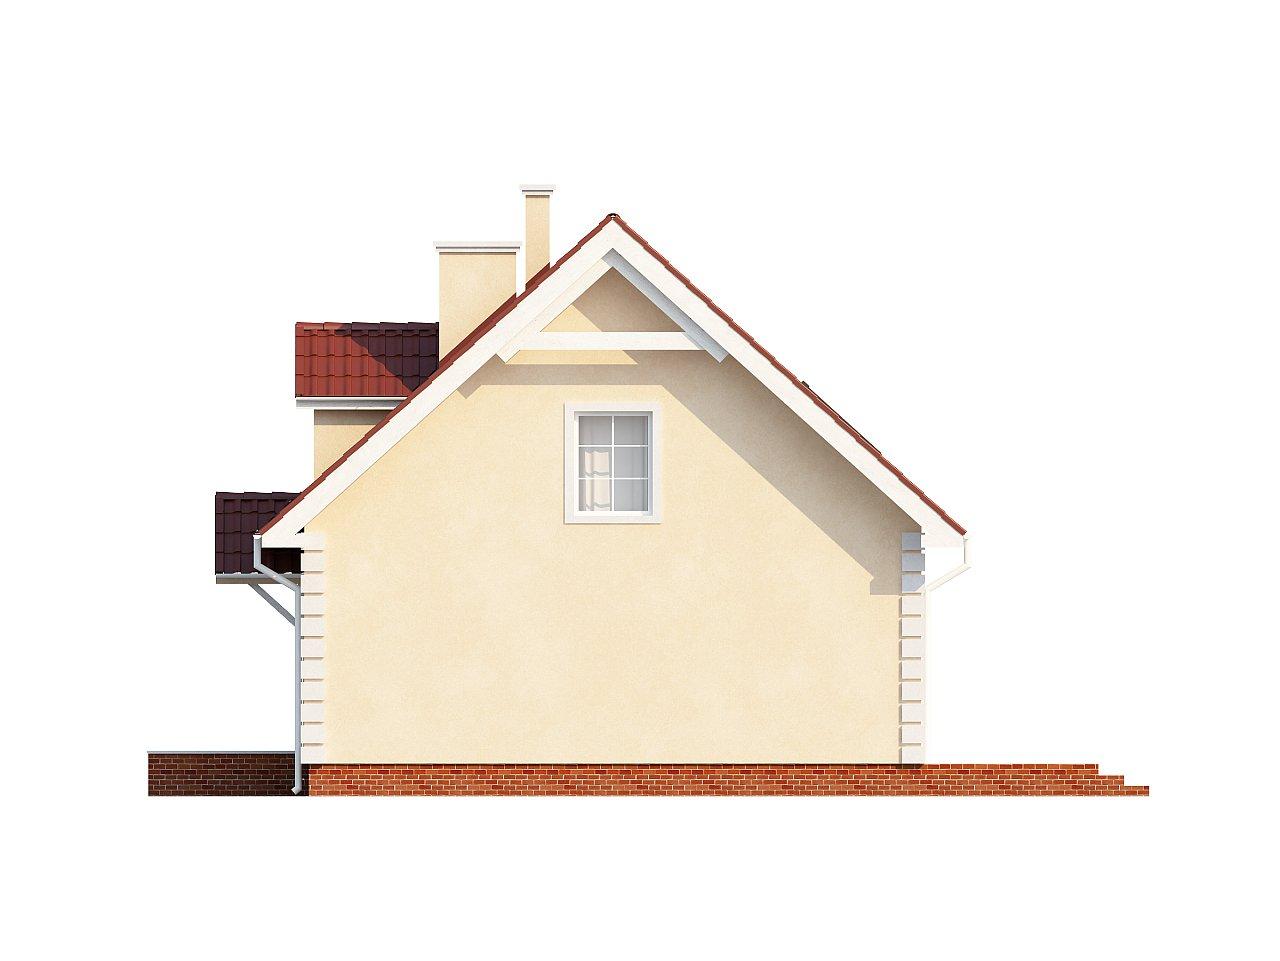 Компактный дом в традиционном стиле с двускатной крышей и красивыми мансардными окнами. - фото 8